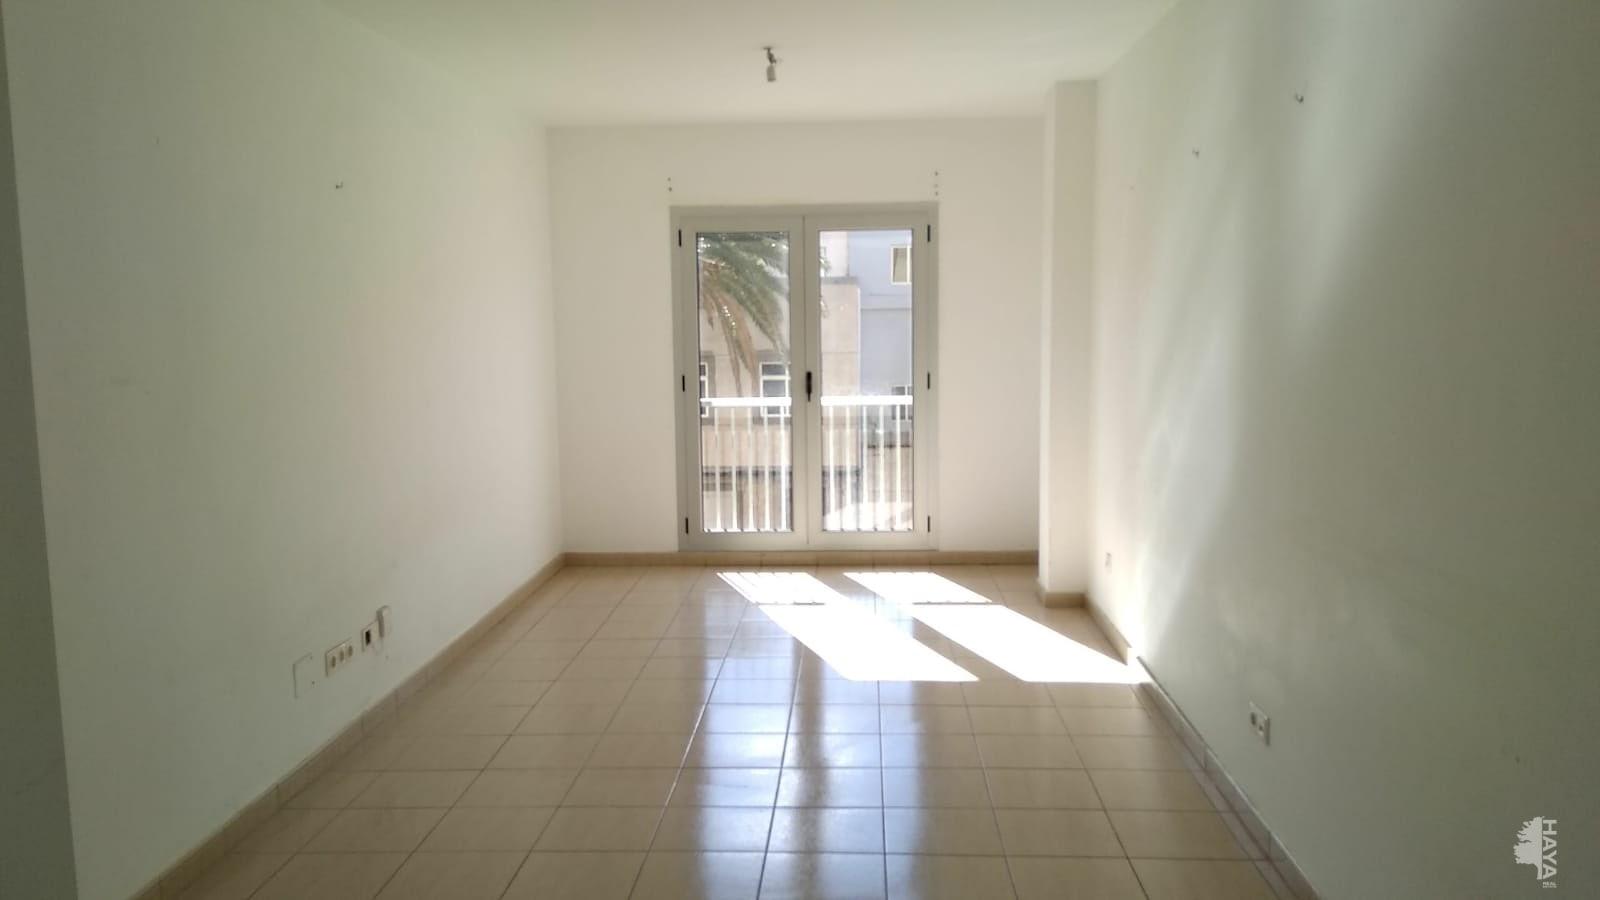 Piso en venta en Santa Lucía de Tirajana, Las Palmas, Calle Delicias, 80.000 €, 3 habitaciones, 1 baño, 101 m2